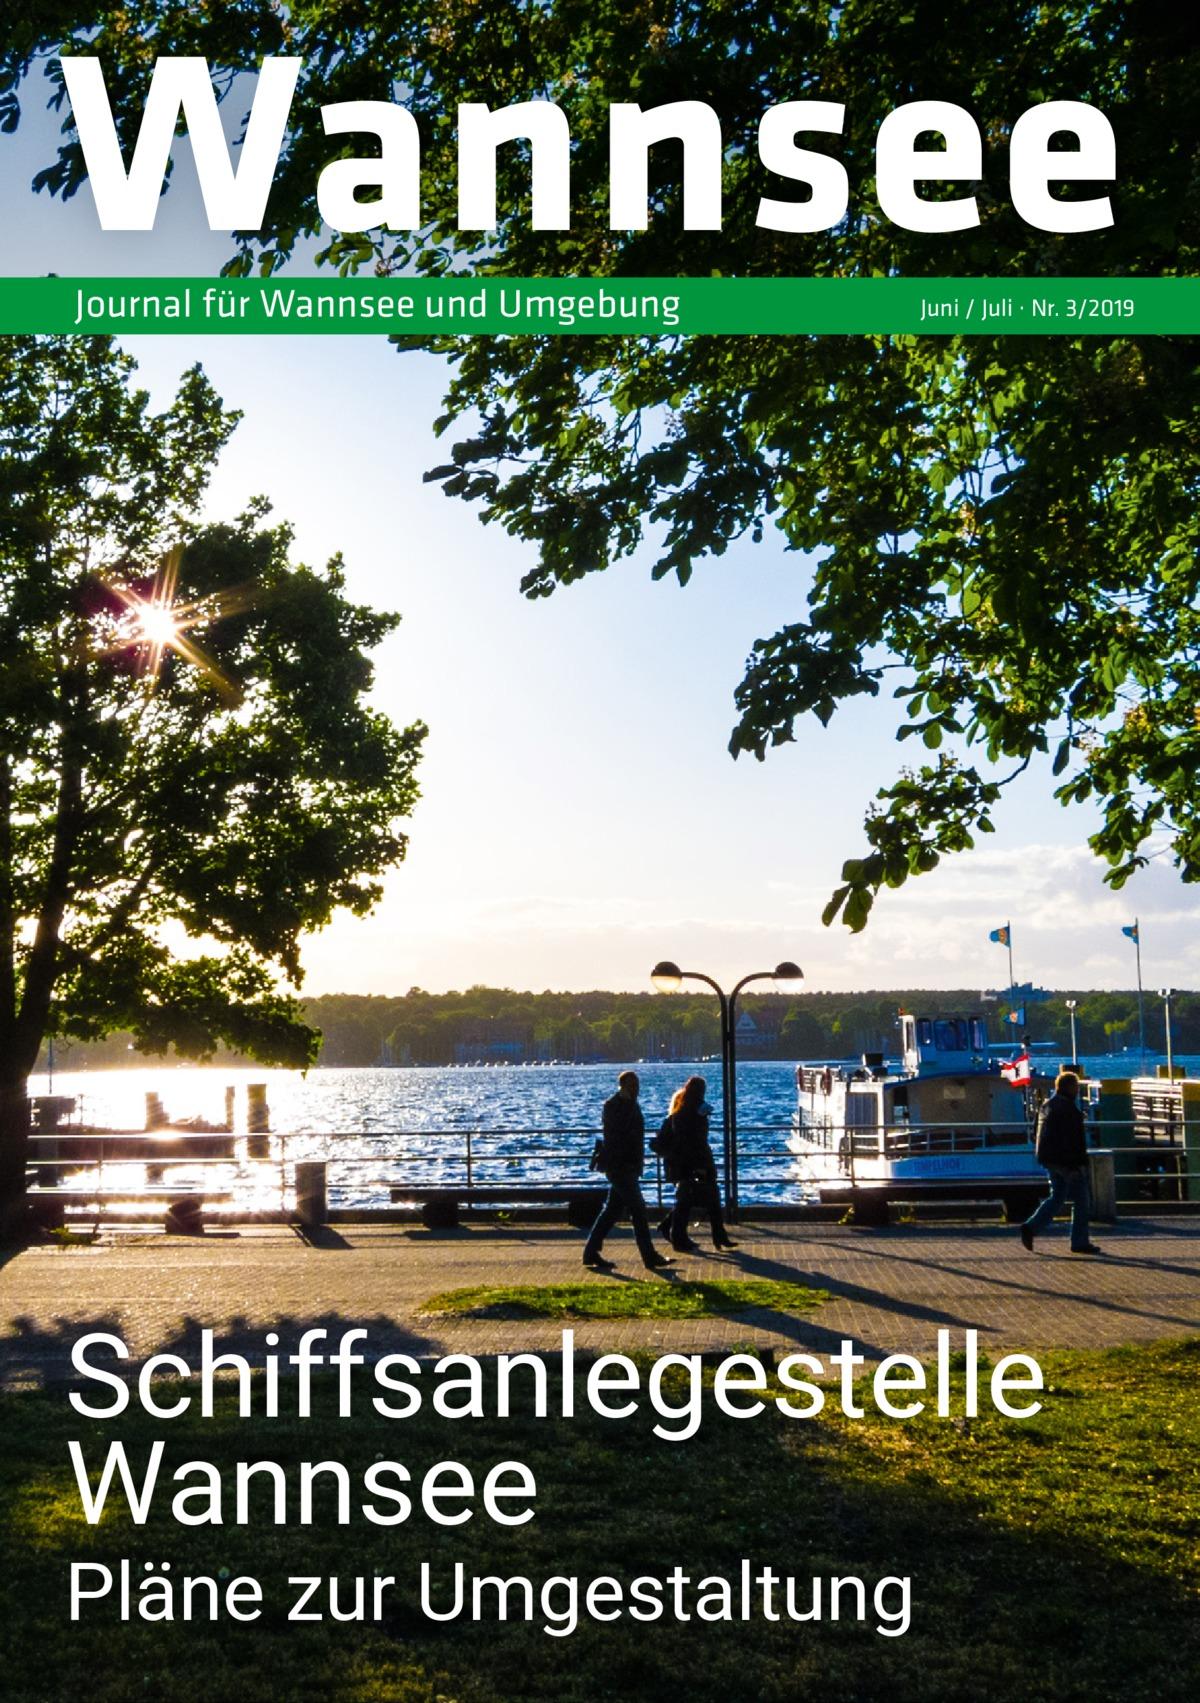 Wannsee Journal für Wannsee und Umgebung  Juni / Juli · Nr. 3/2019  Schiffsanlegestelle Wannsee Pläne zur Umgestaltung